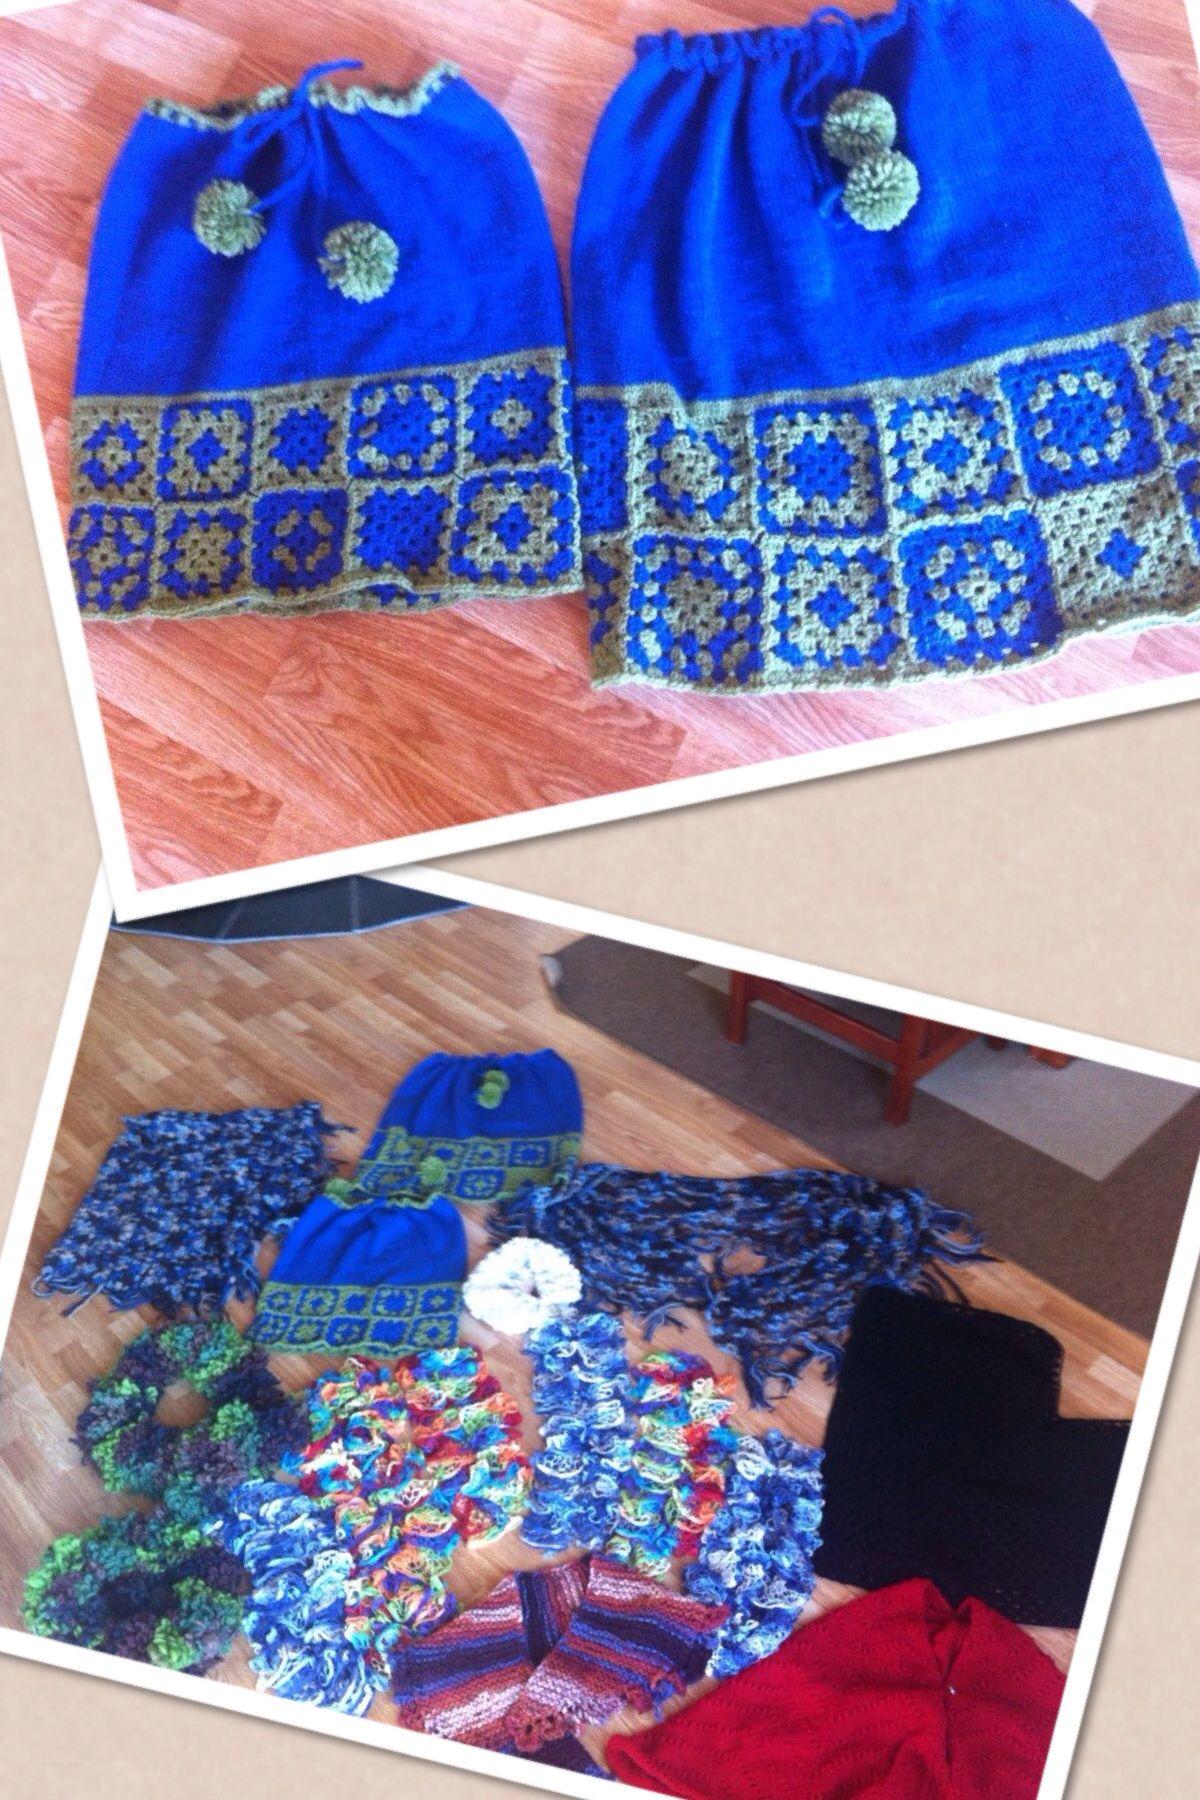 Crochet and knitting skirt